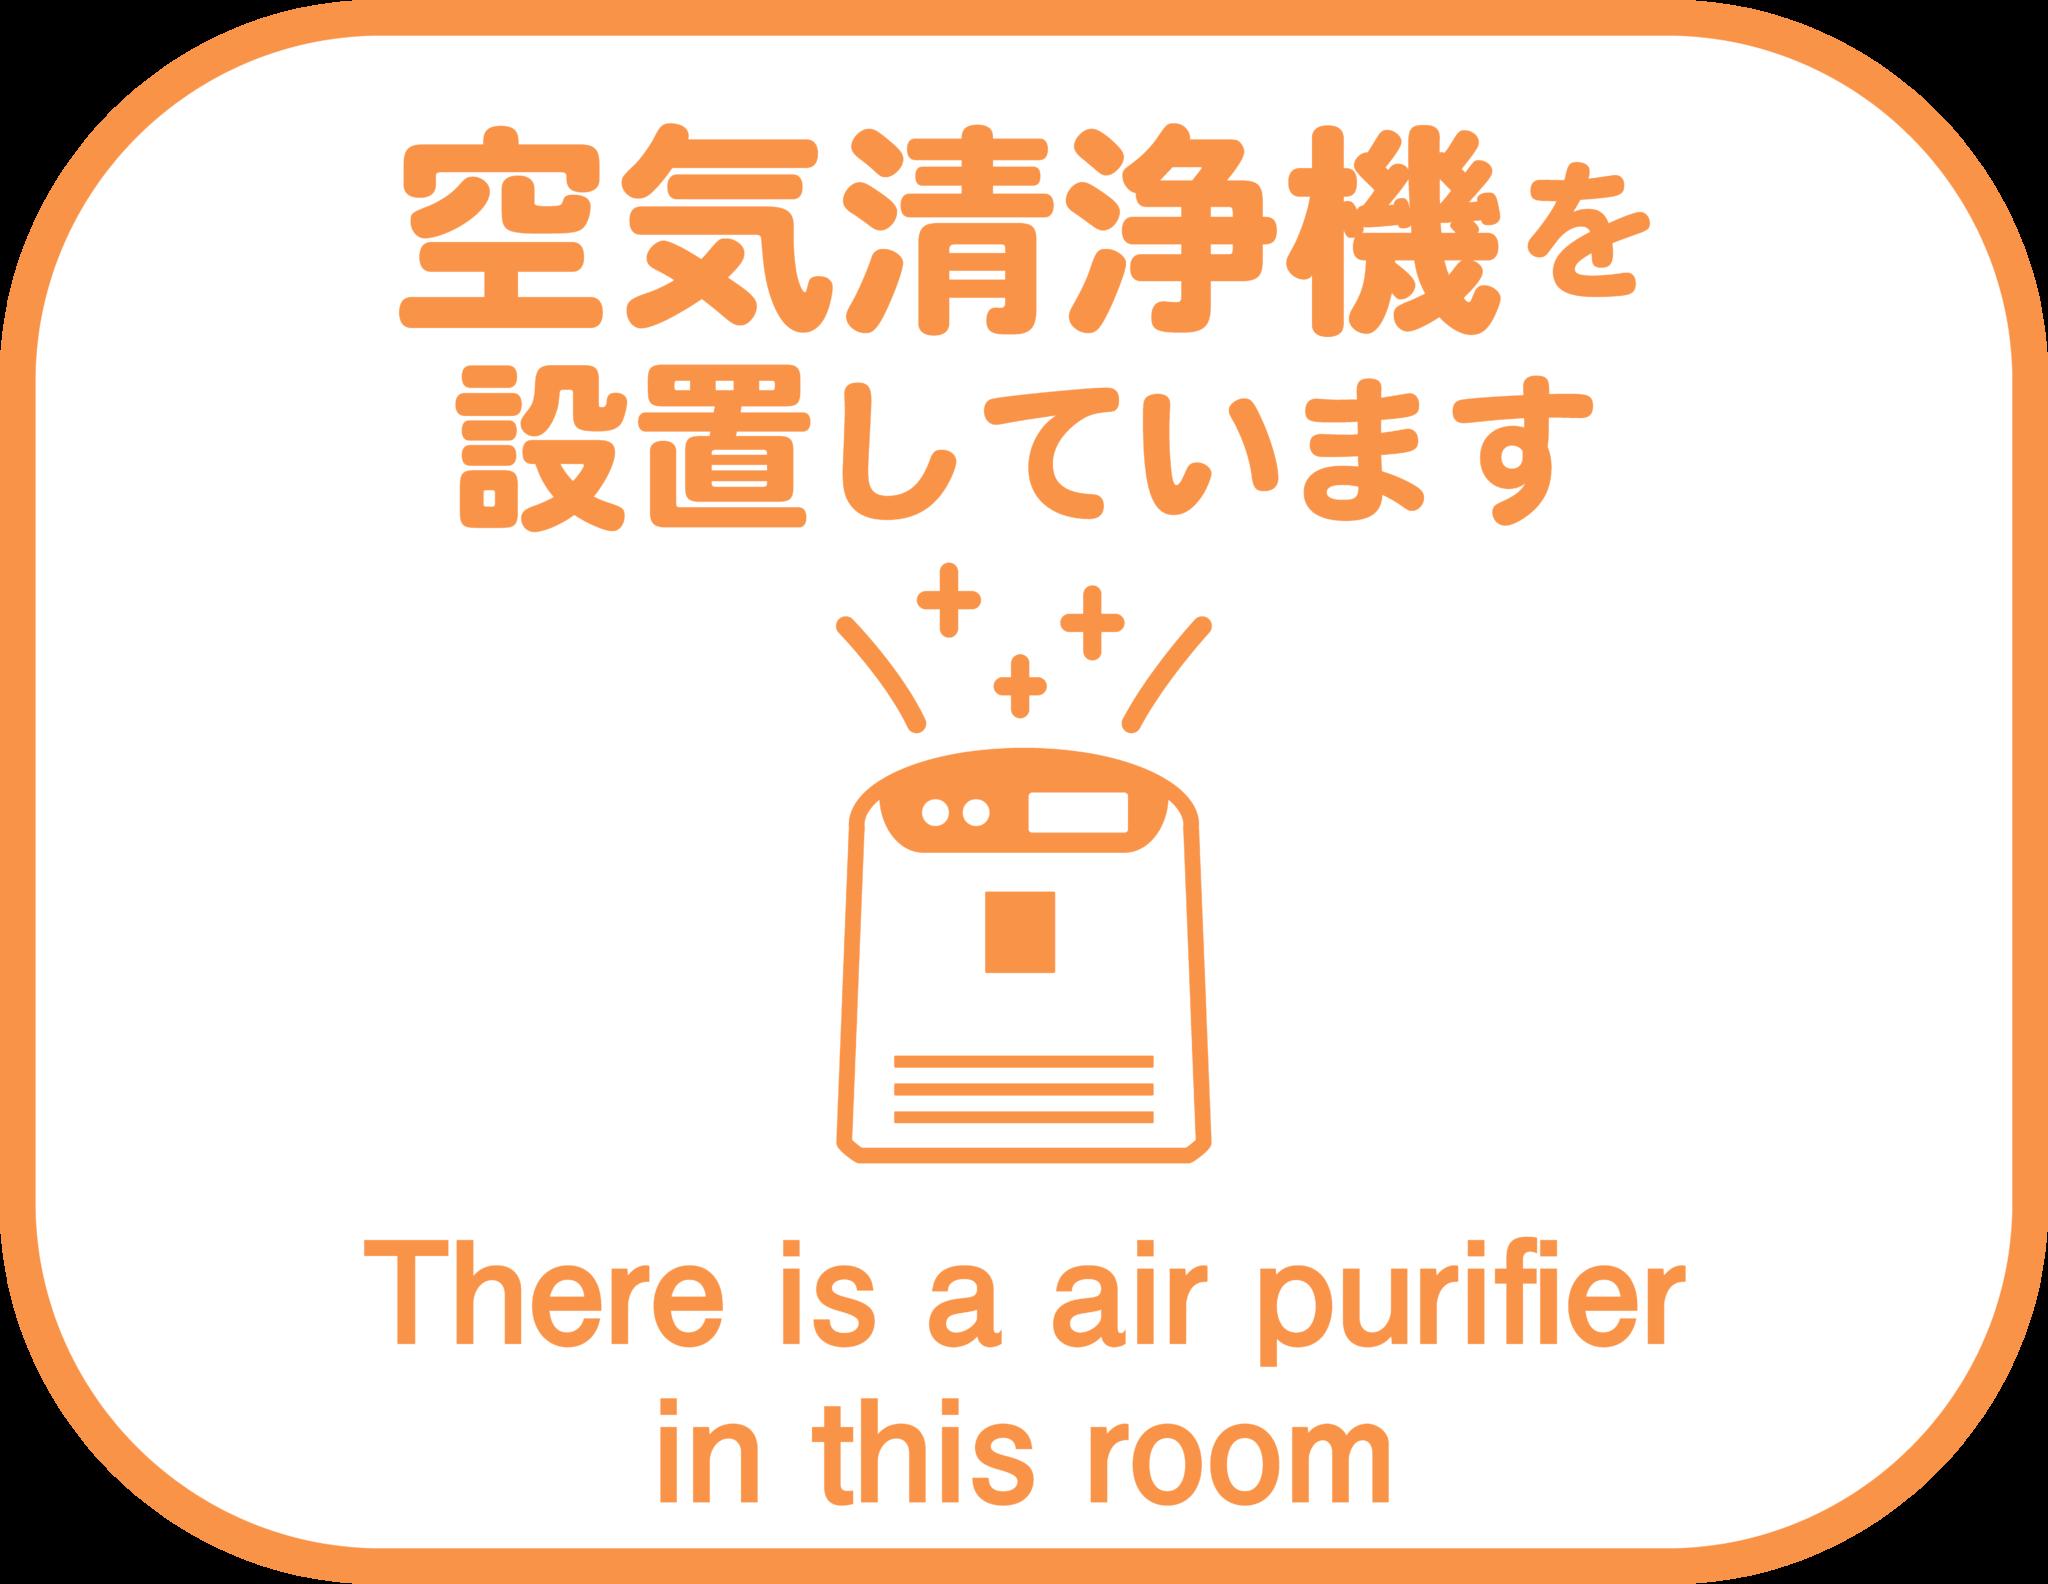 空気清浄機設置バナー